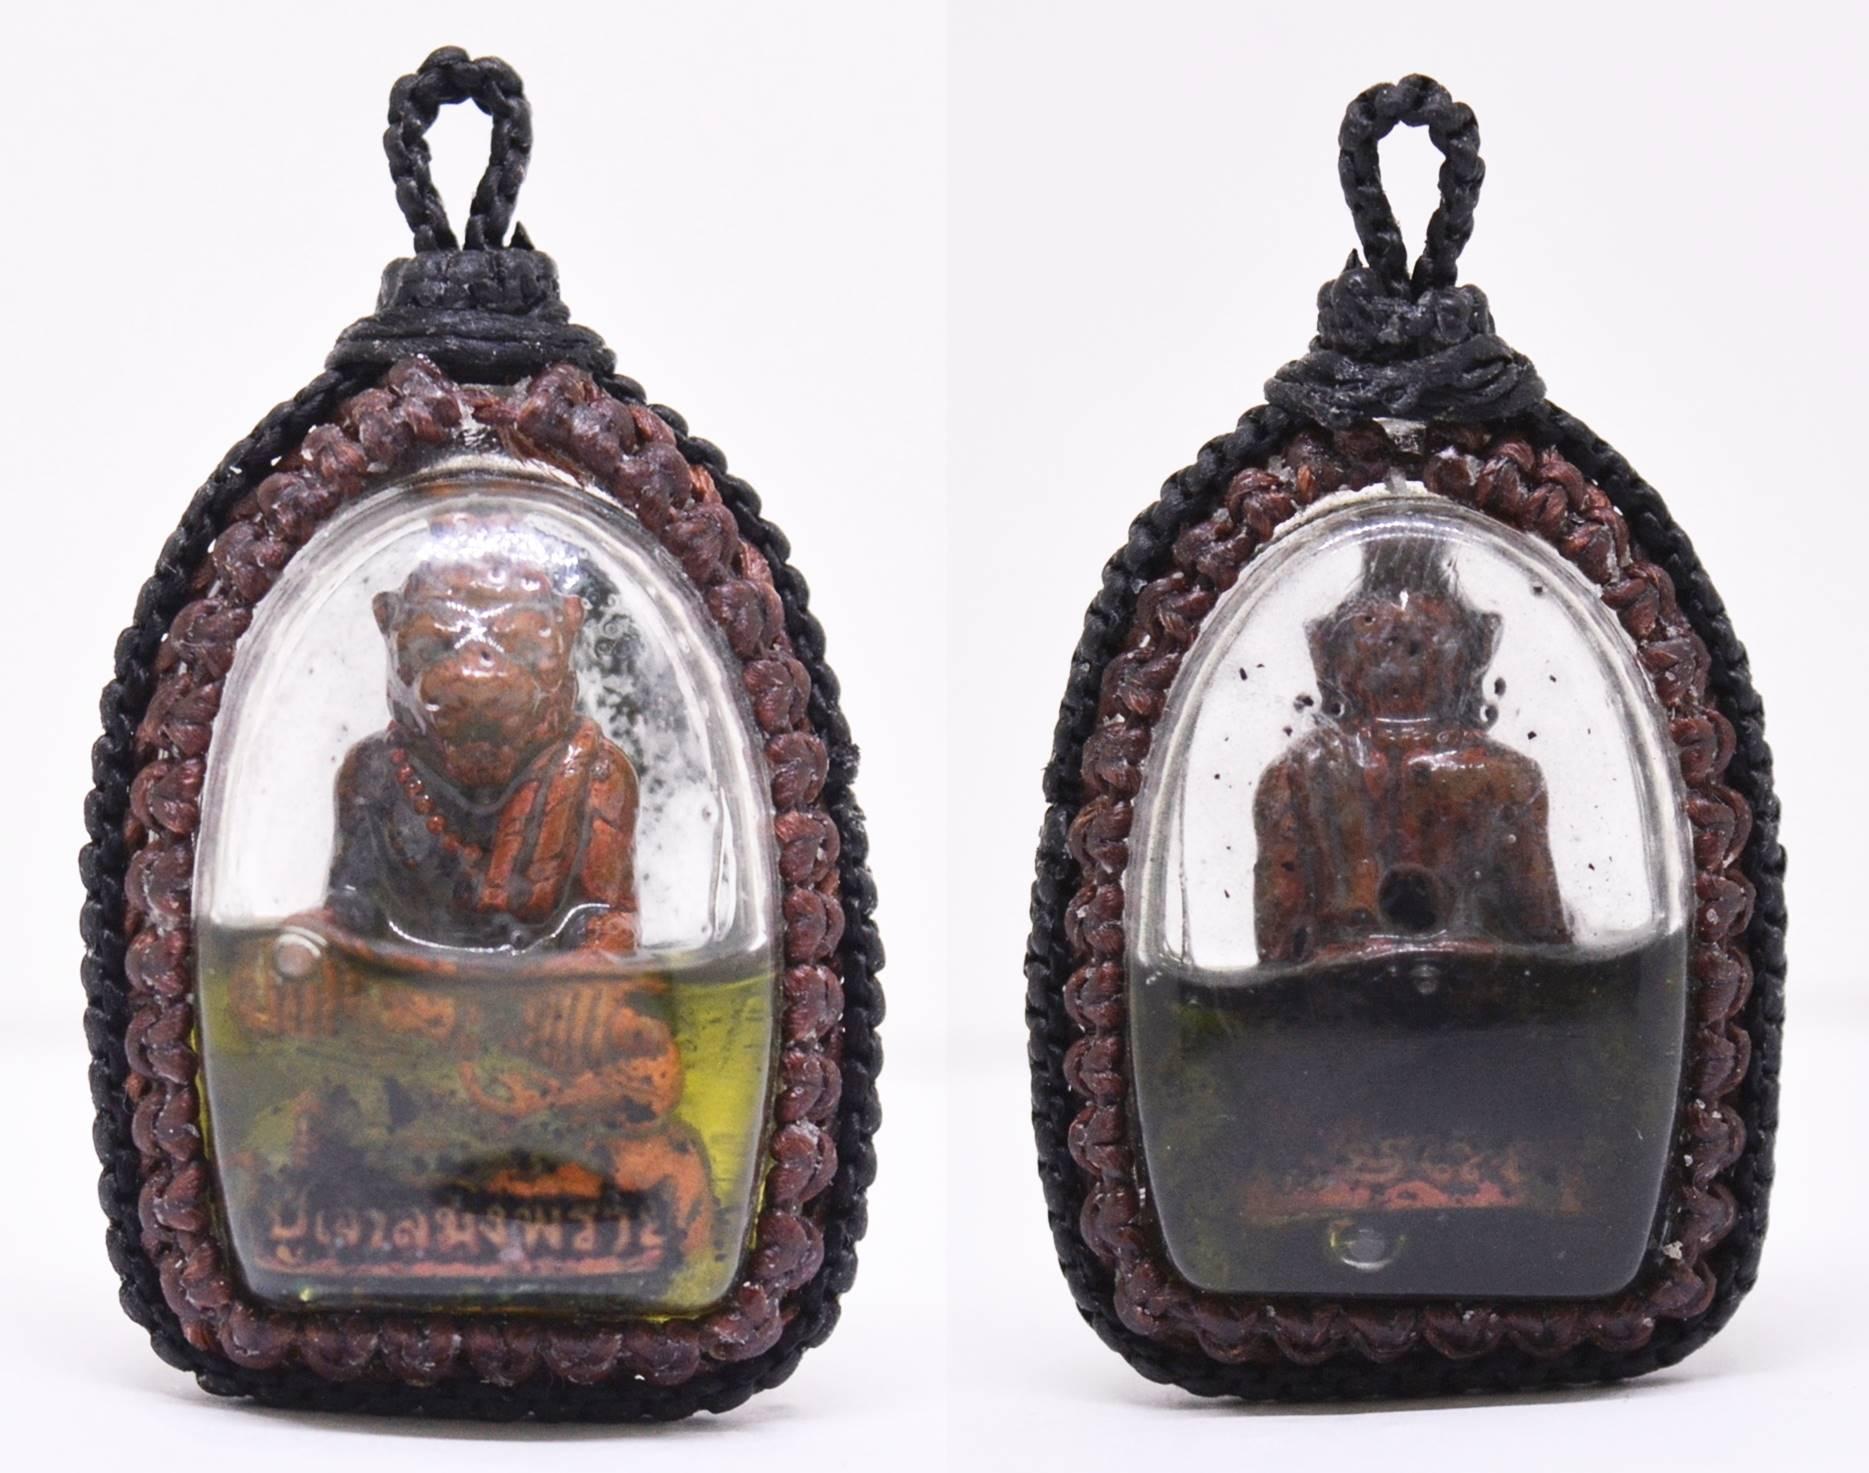 ปู่เจ้าสมิงพราย ทองแดงฝังตะกรุดเทพรำลึก อาจารย์พรต สำนักปู่เสน่ห์โคบุตร เลี่ยมน้ำมันว่านสาวหลง